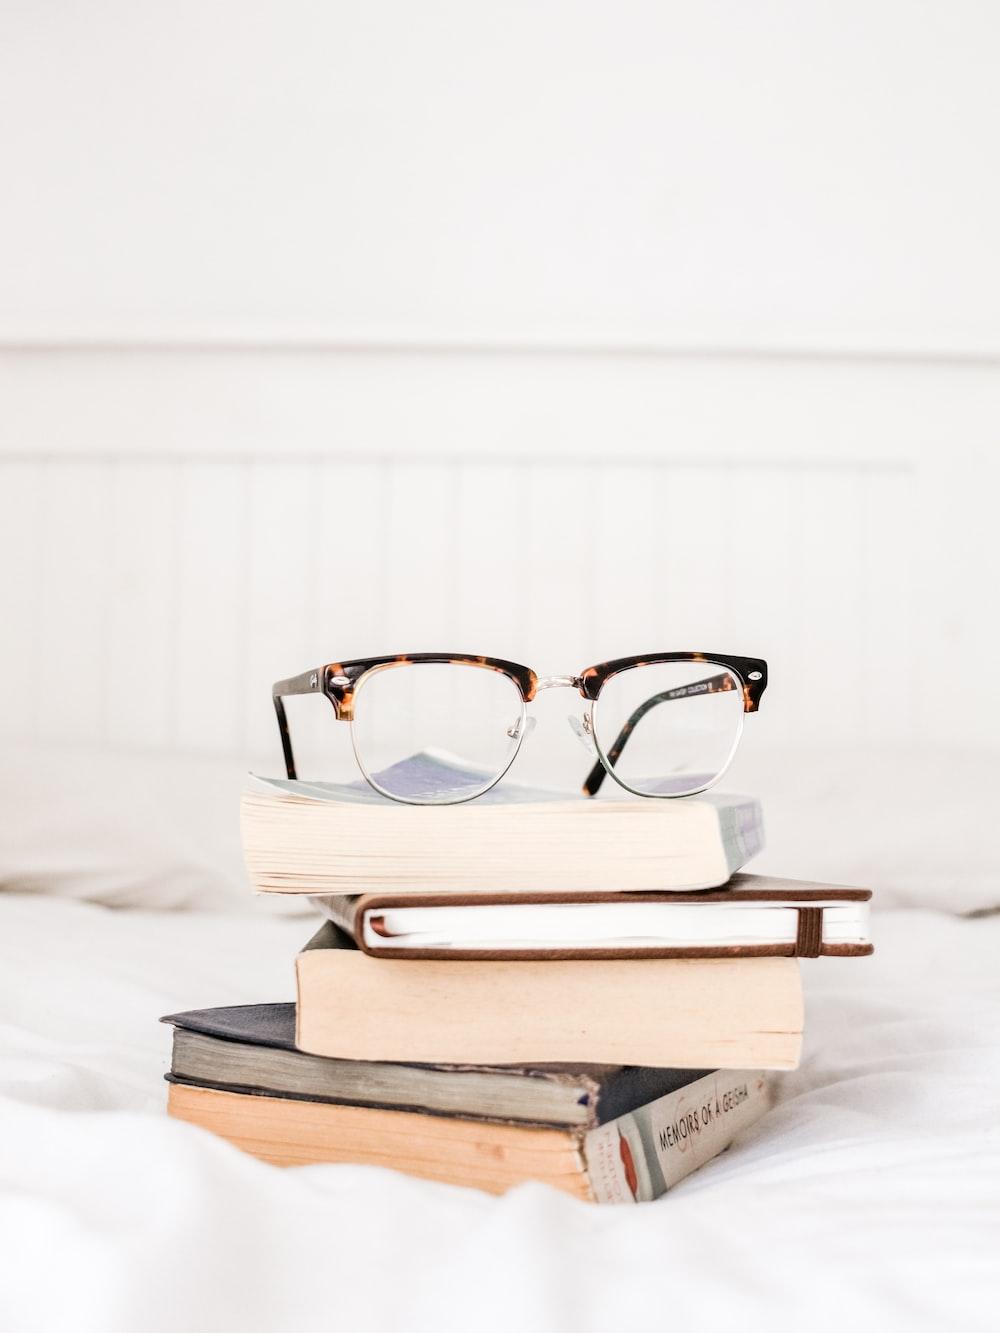 eyeglasses on pile books